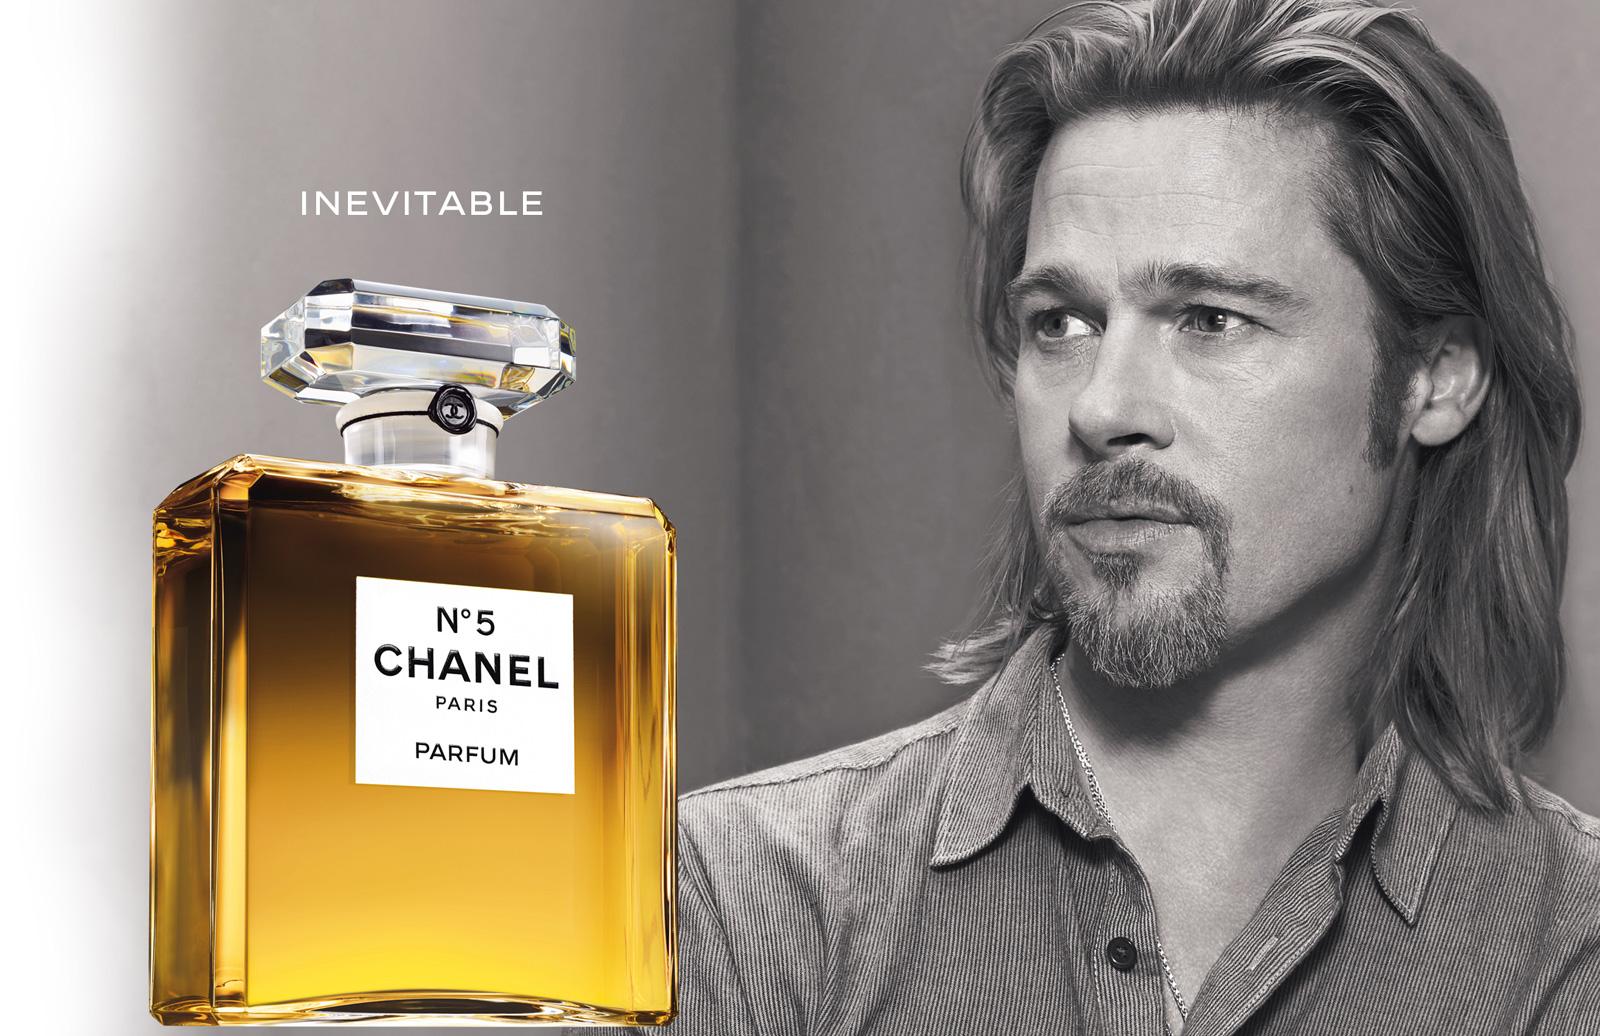 brad pitt commercial Brad Pitt News